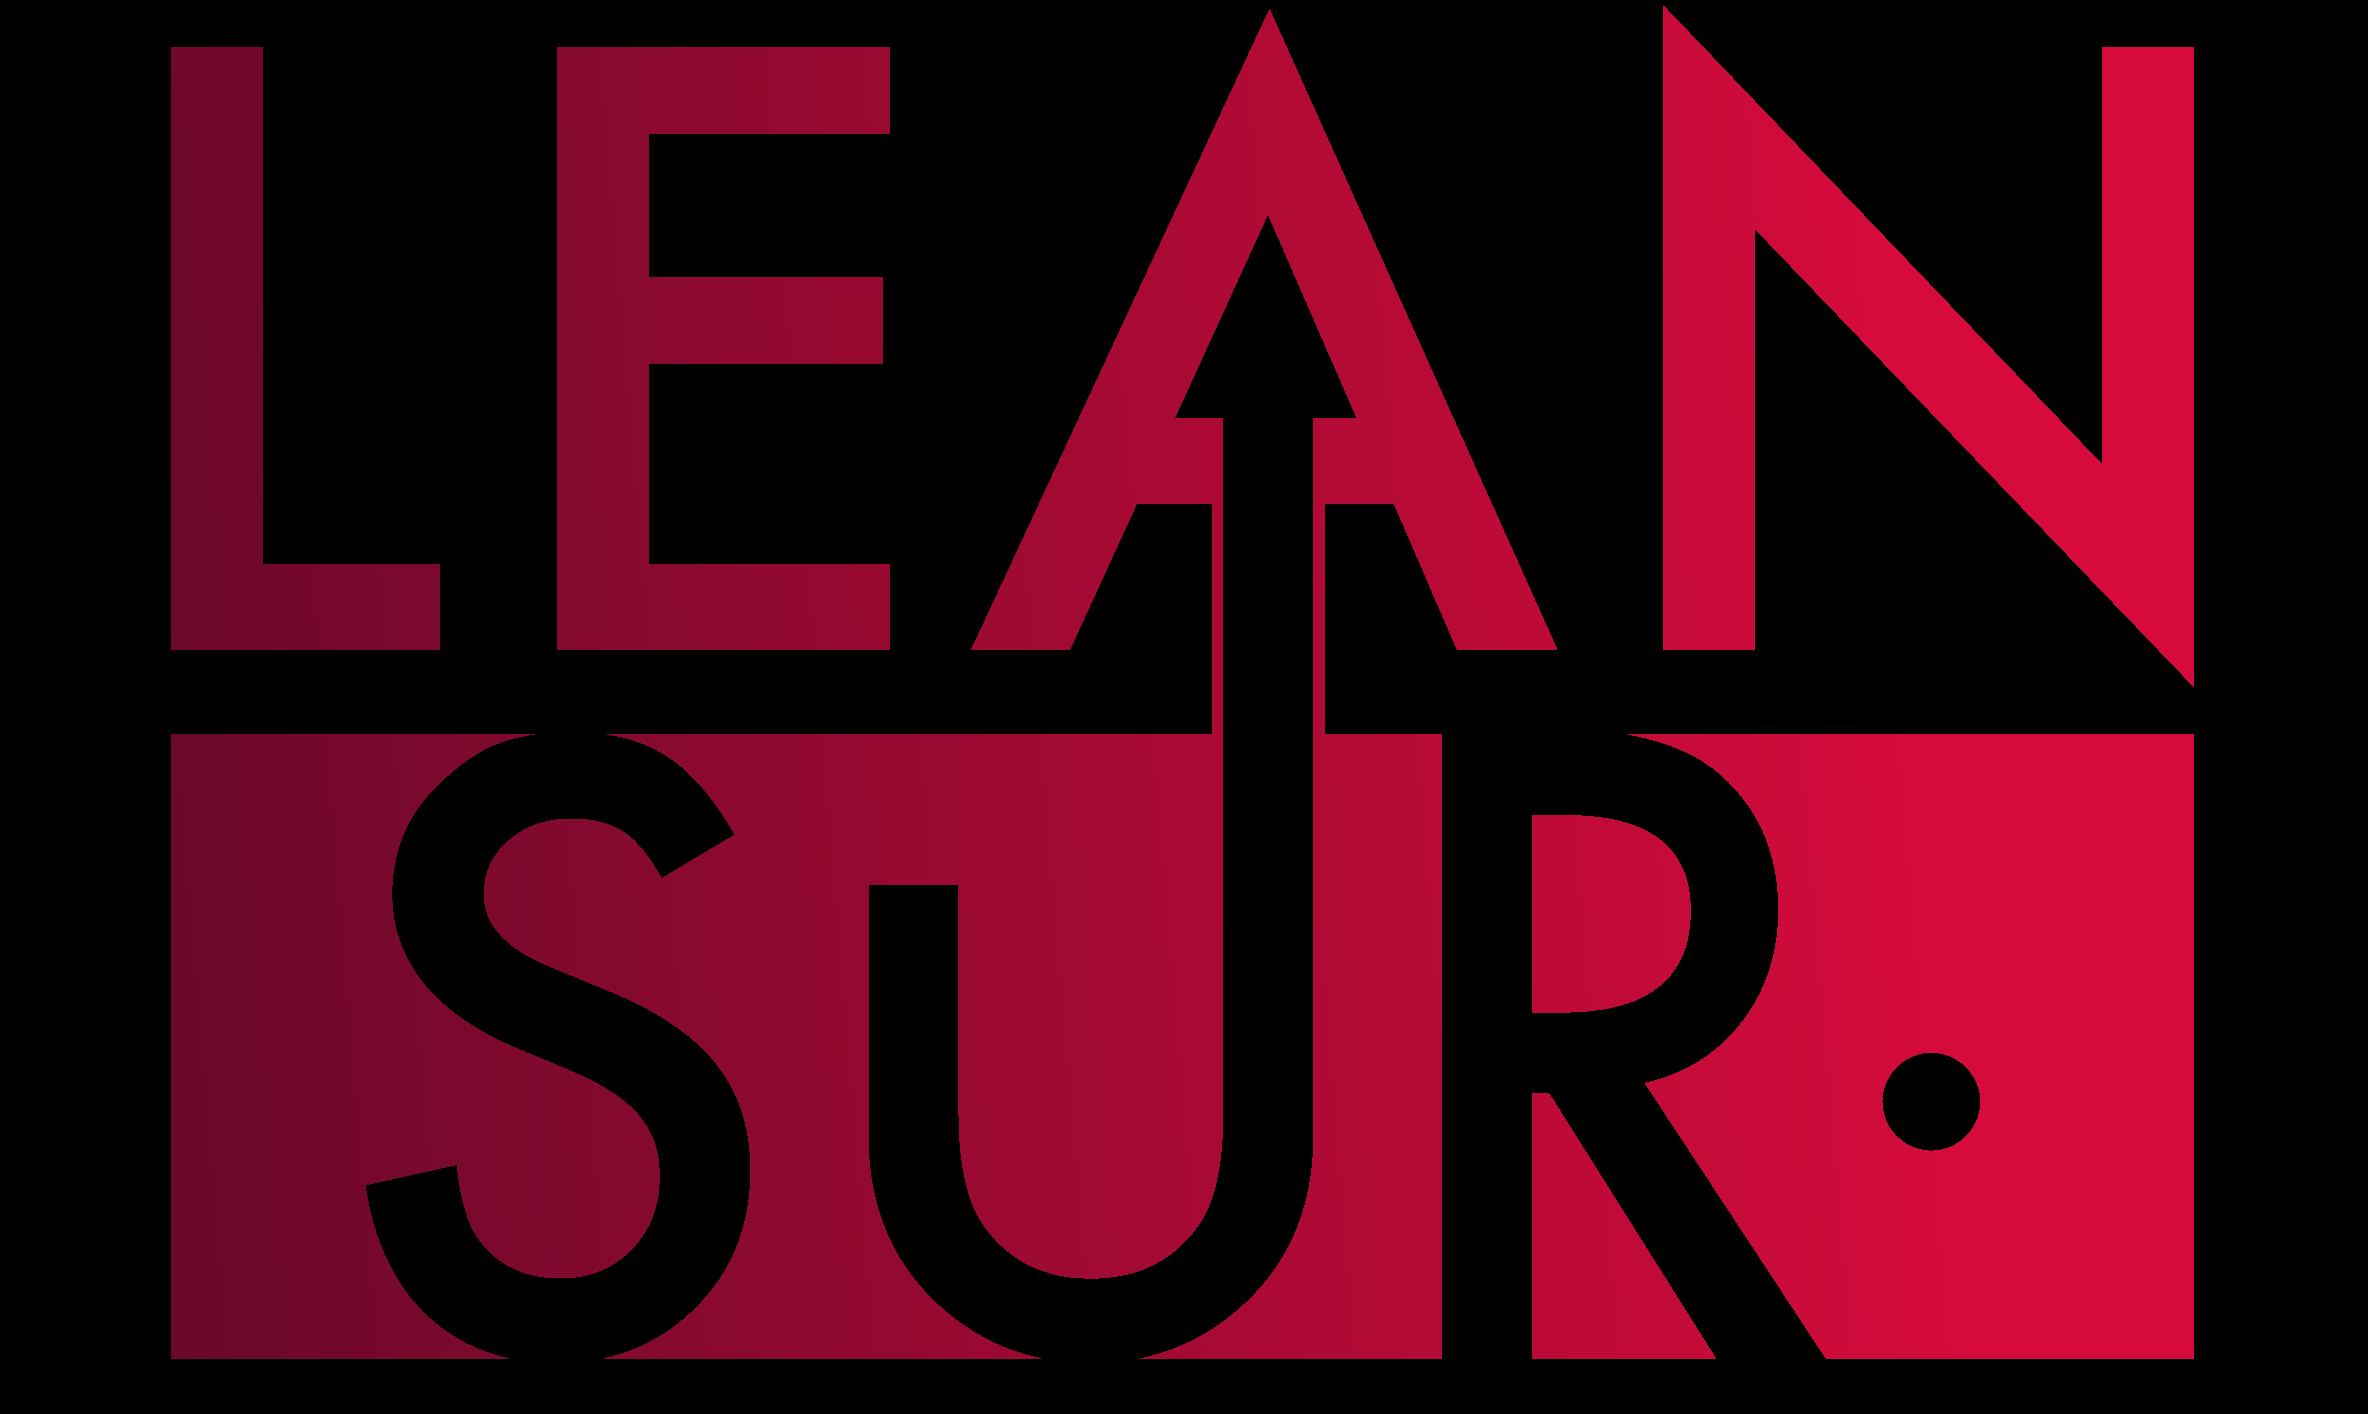 Lean Sur Consultores